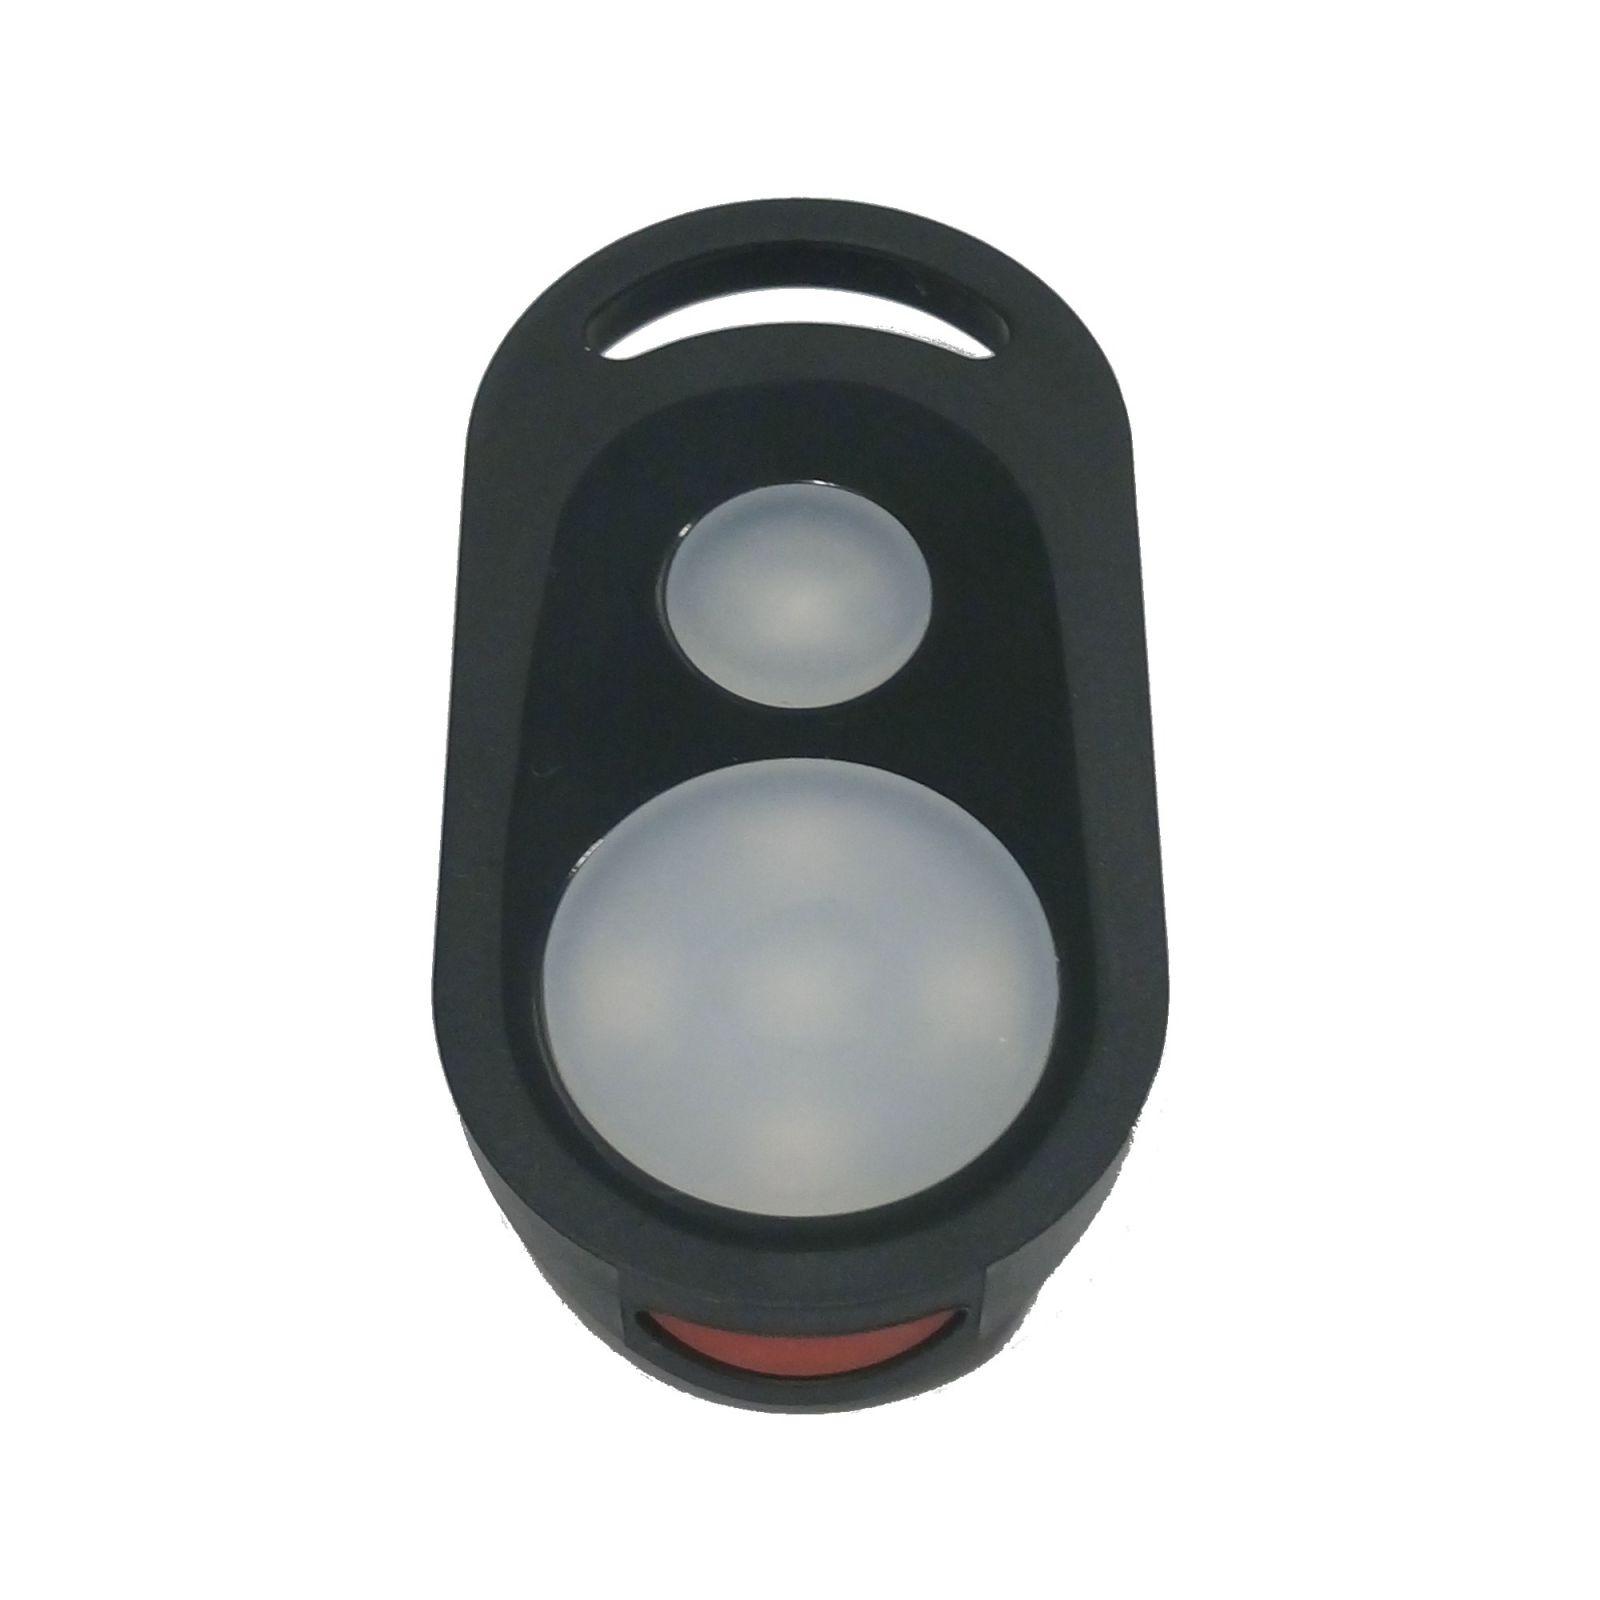 Aina PTT Smart Button